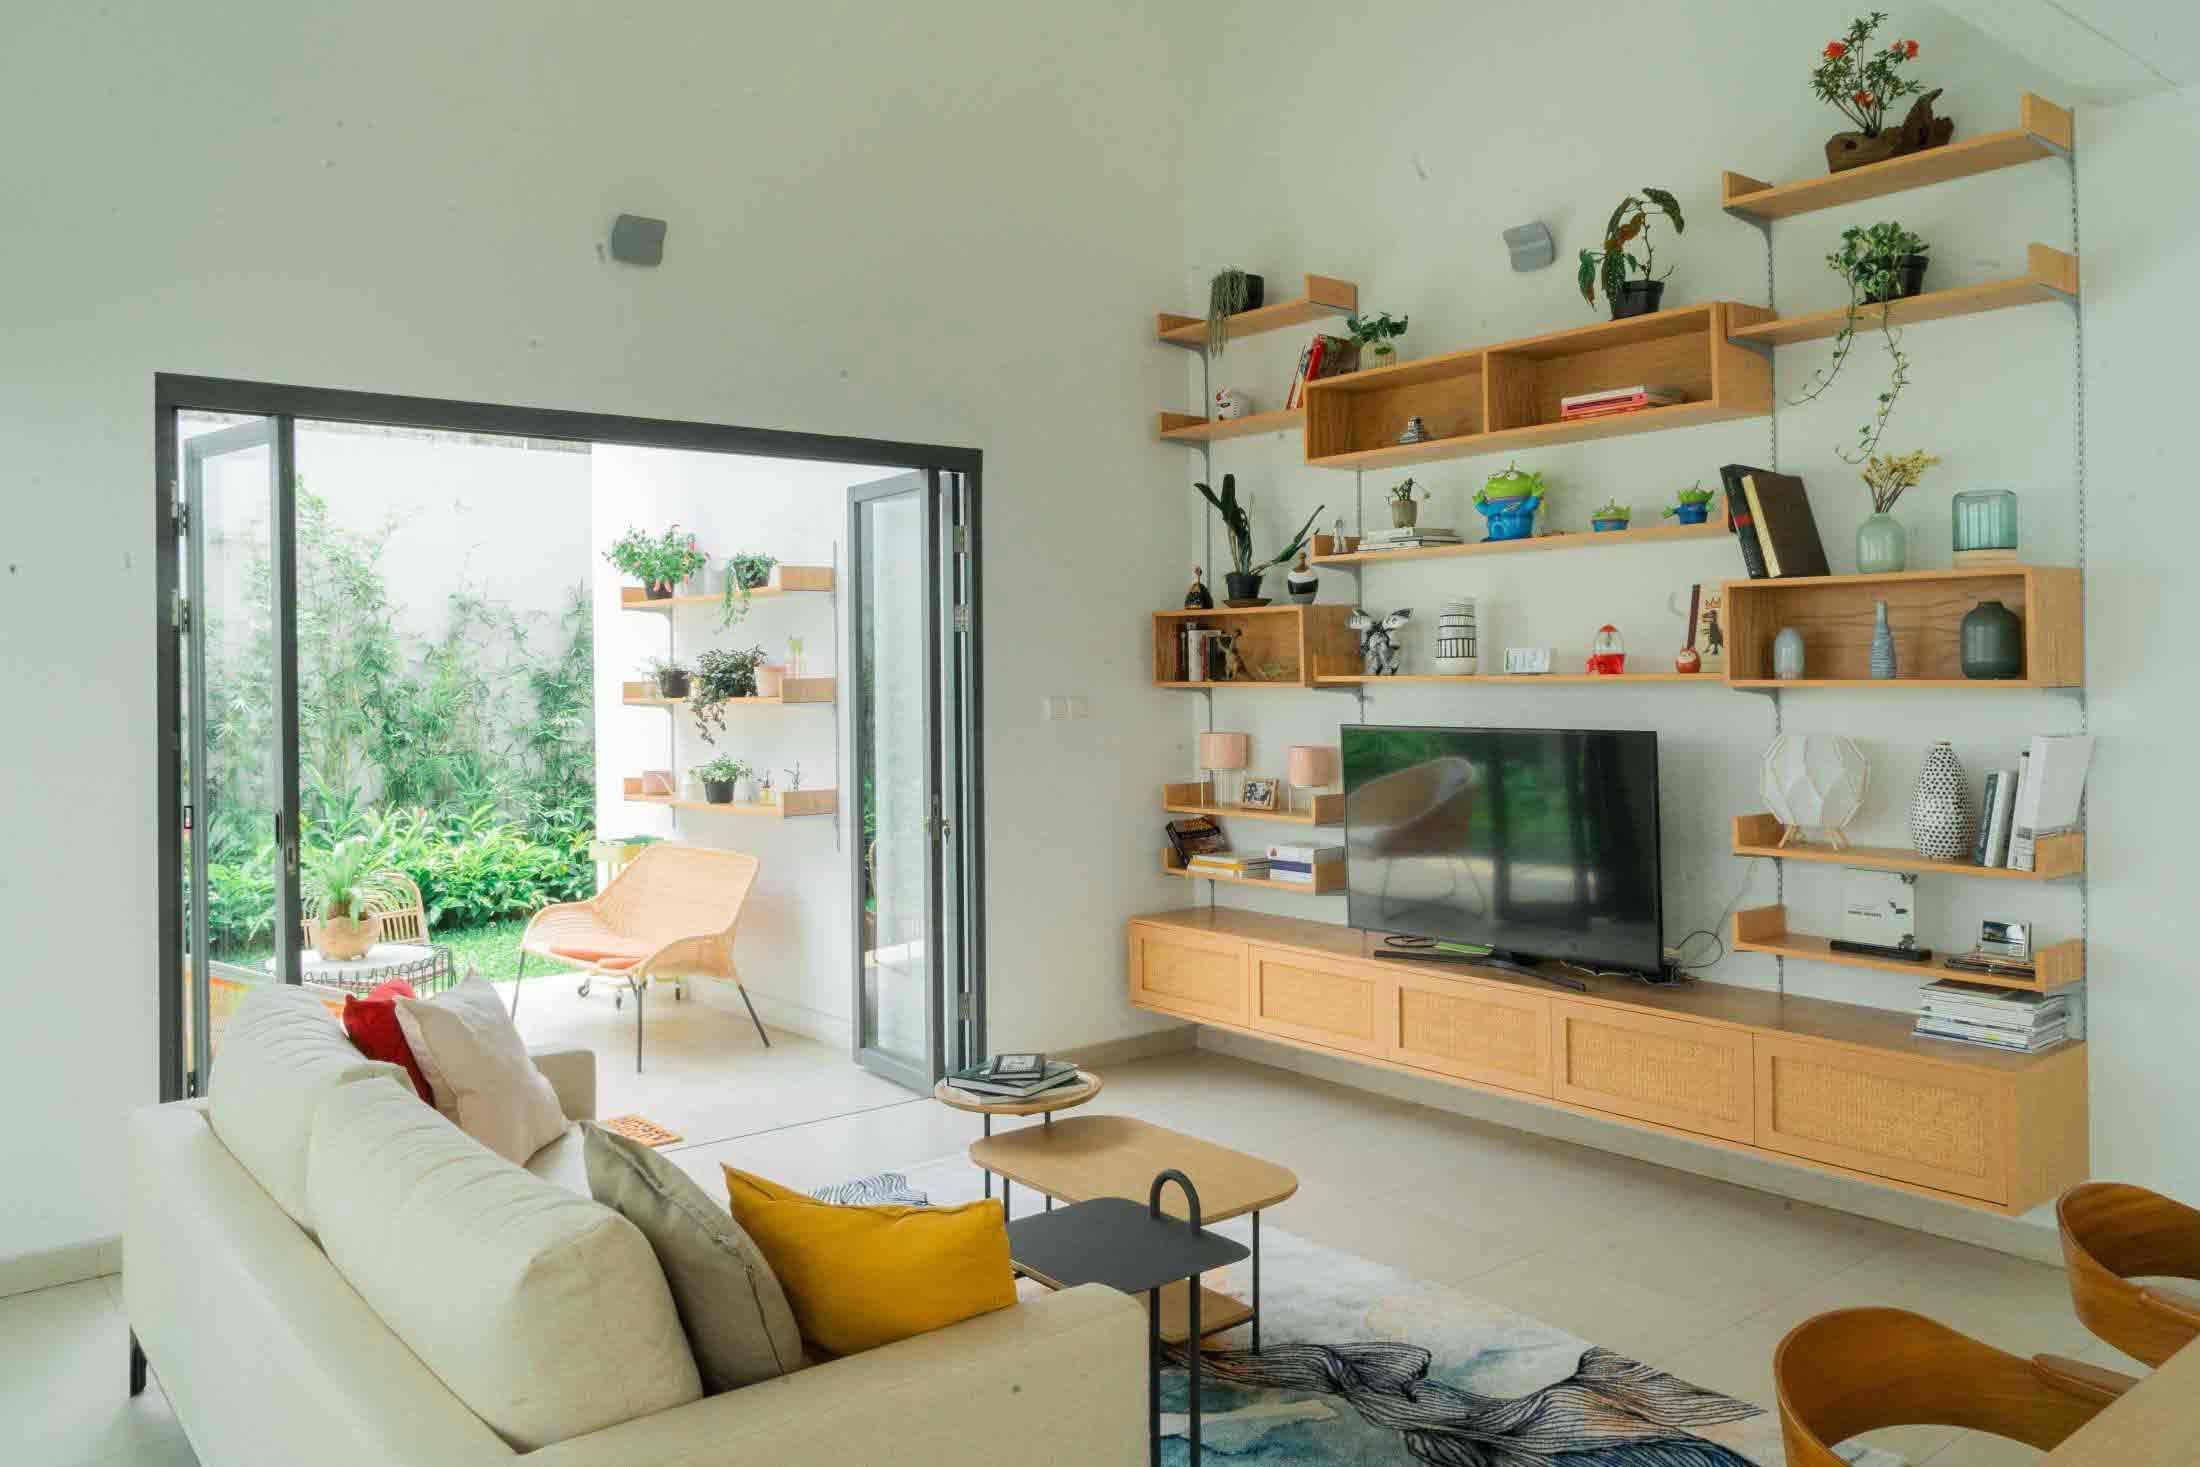 Inspirasi Rak Dinding Serbaguna yang Sekaligus Mempercantik Ruangan | Foto artikel Arsitag